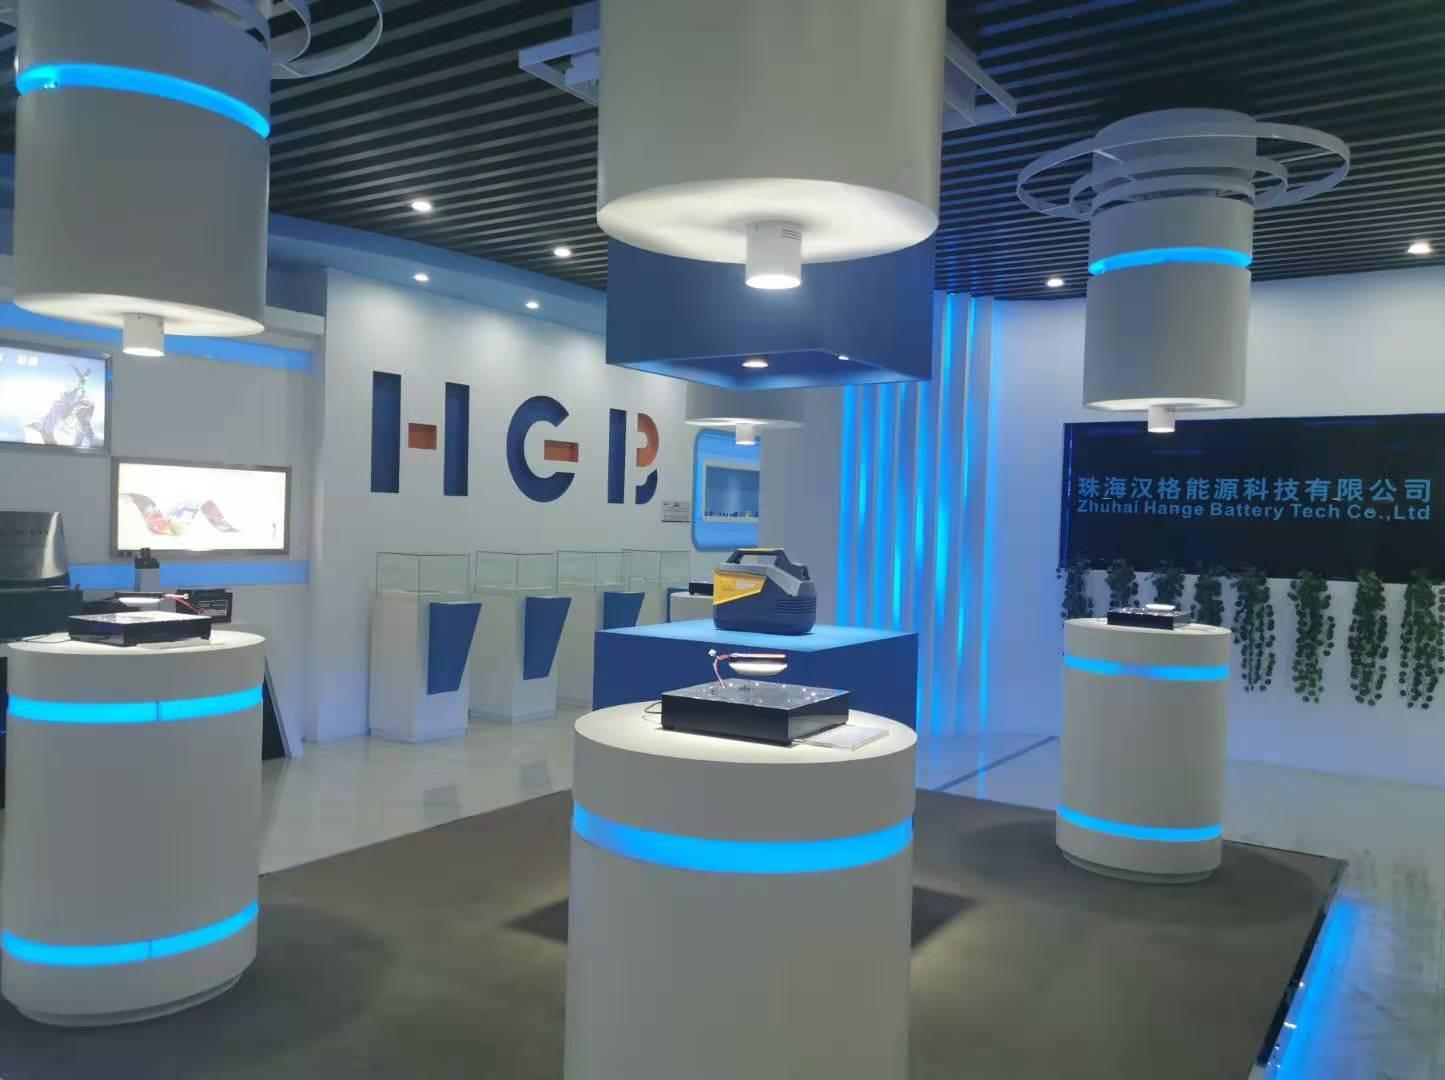 HGB Show Room